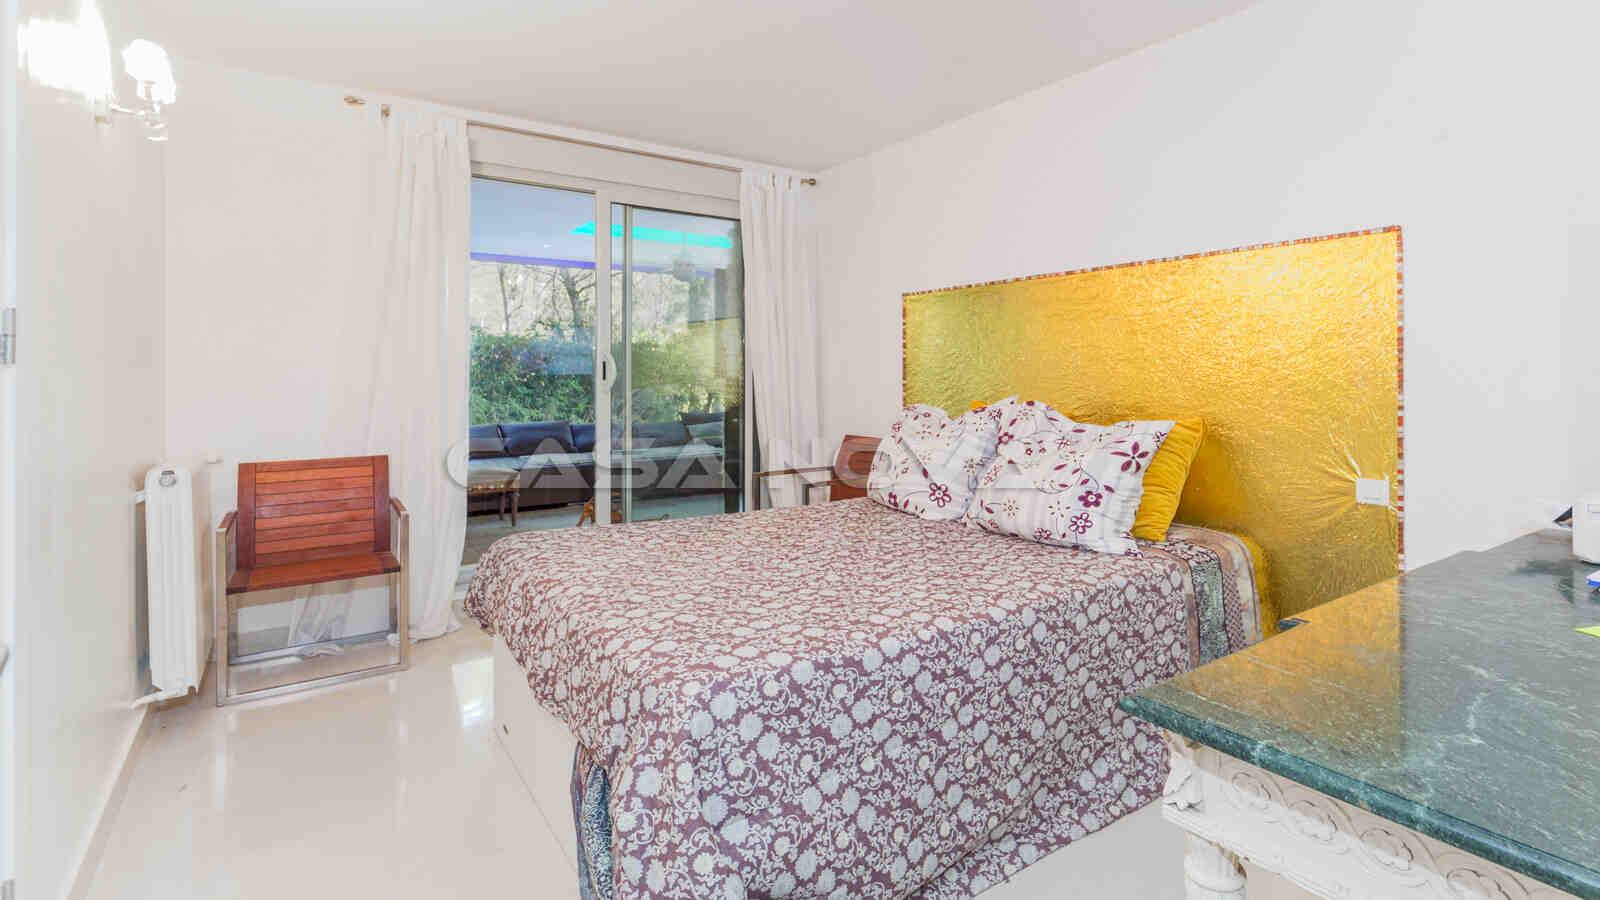 Grosses Schlafzimmer mit hellen Elementen